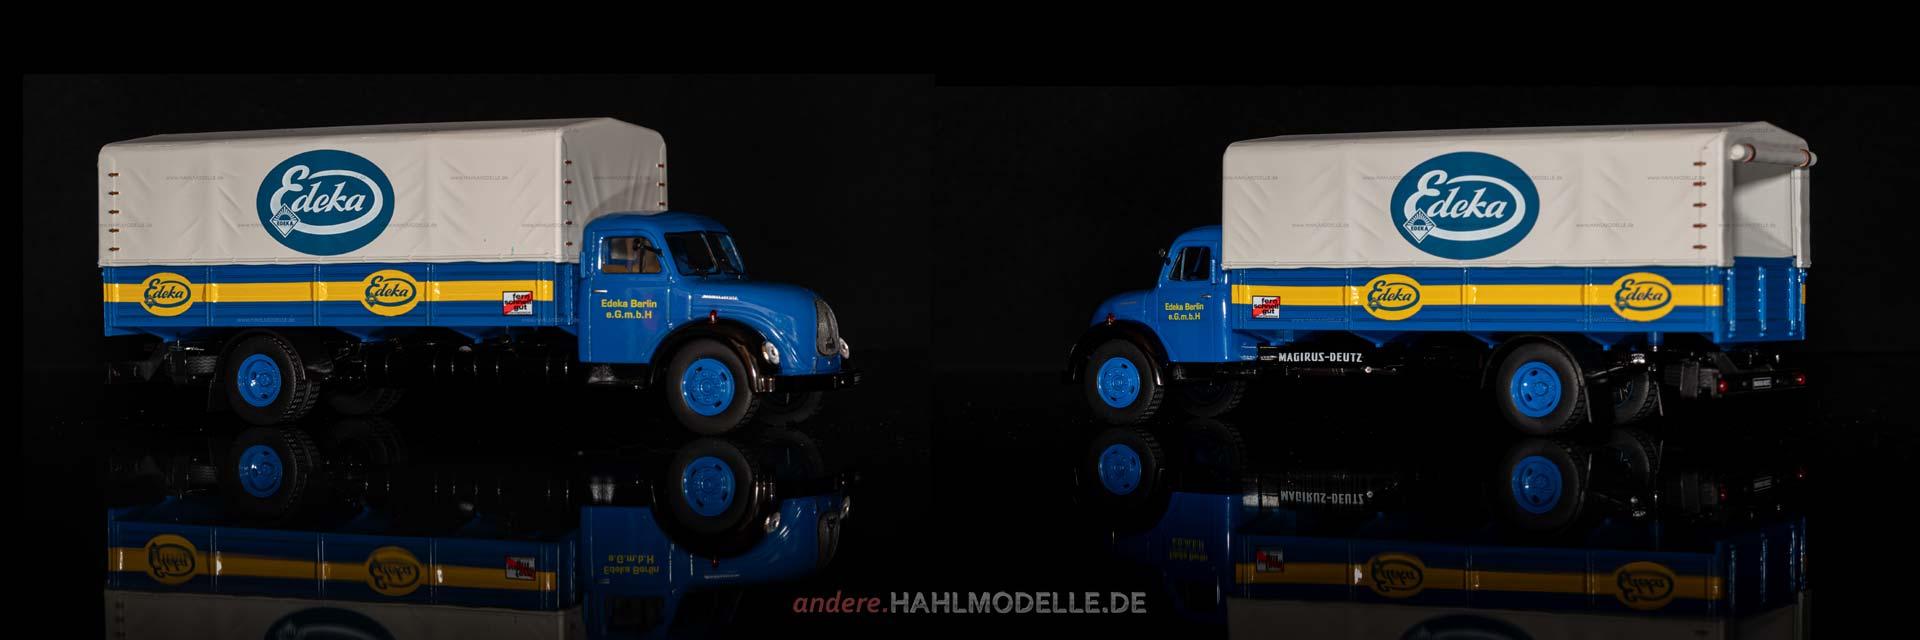 Magirus-Deutz Merkur 120 L | LKW Pritsche/Plane | Ixo | 1:43 | www.andere.hahlmodelle.de